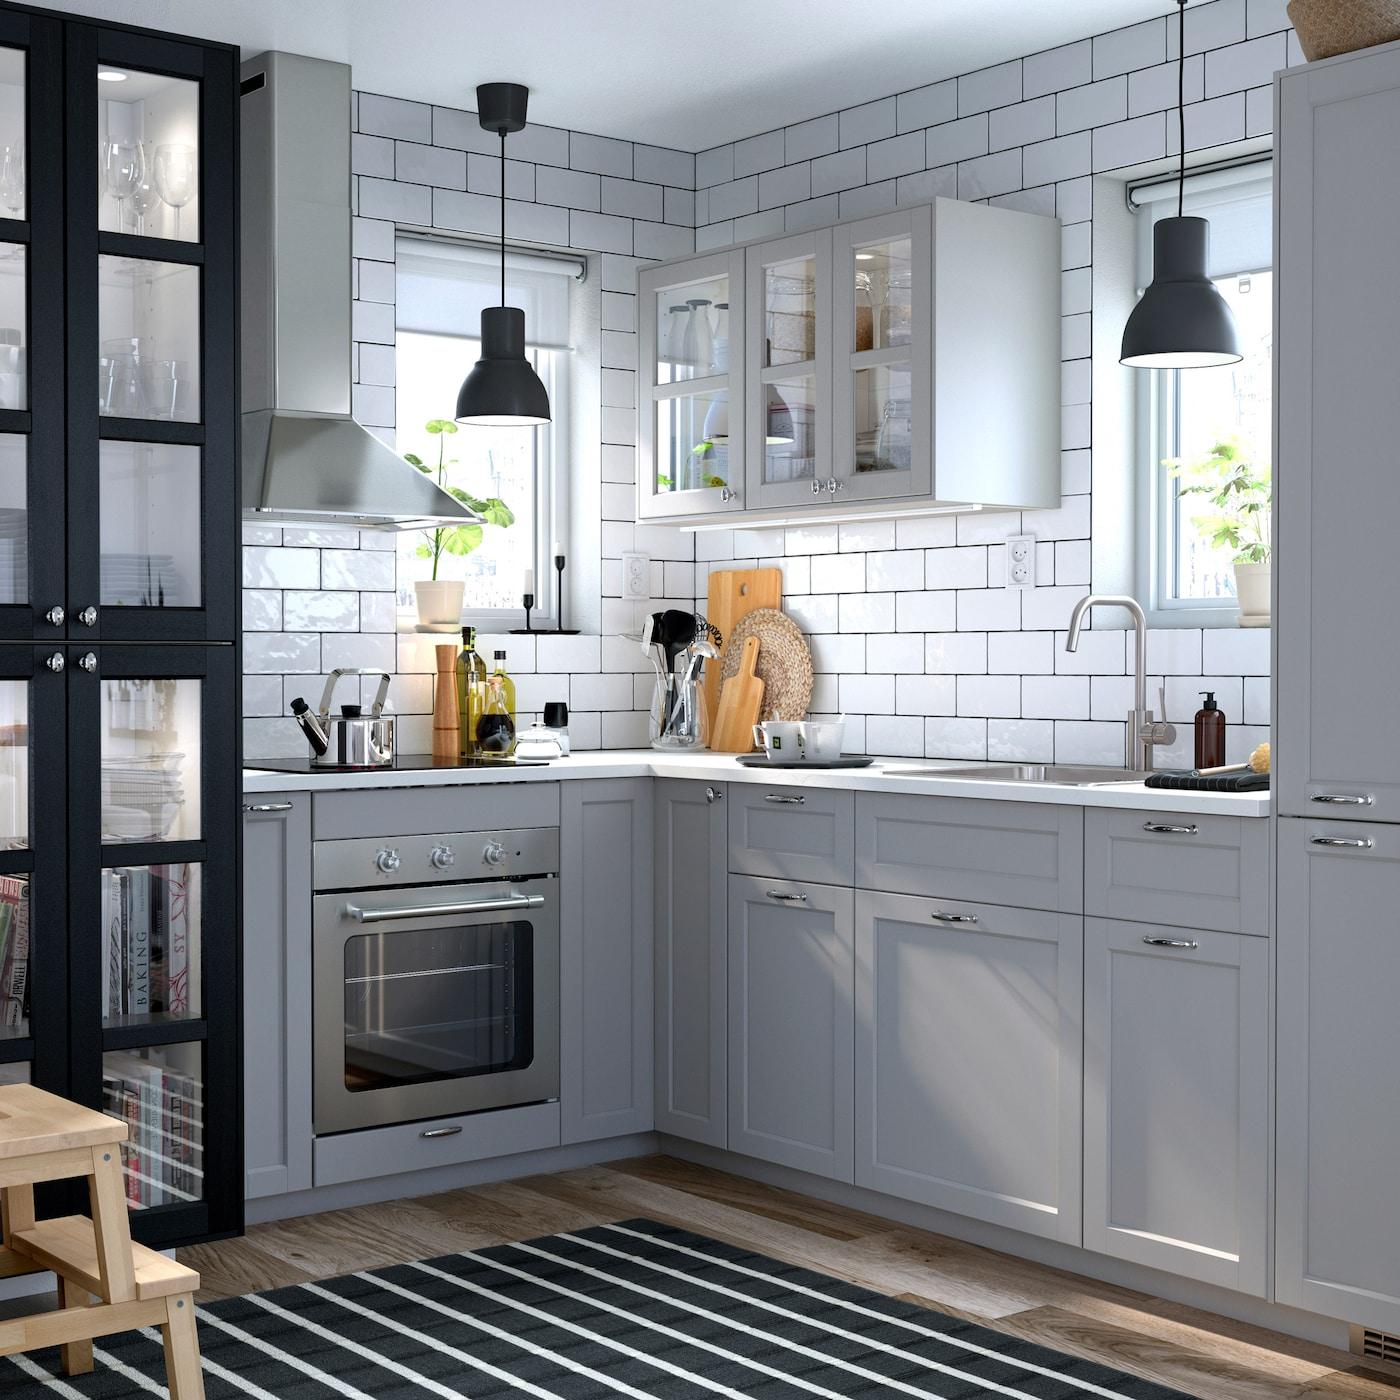 Kommentoi juttua: Ikea-keittiön uusi tyyli